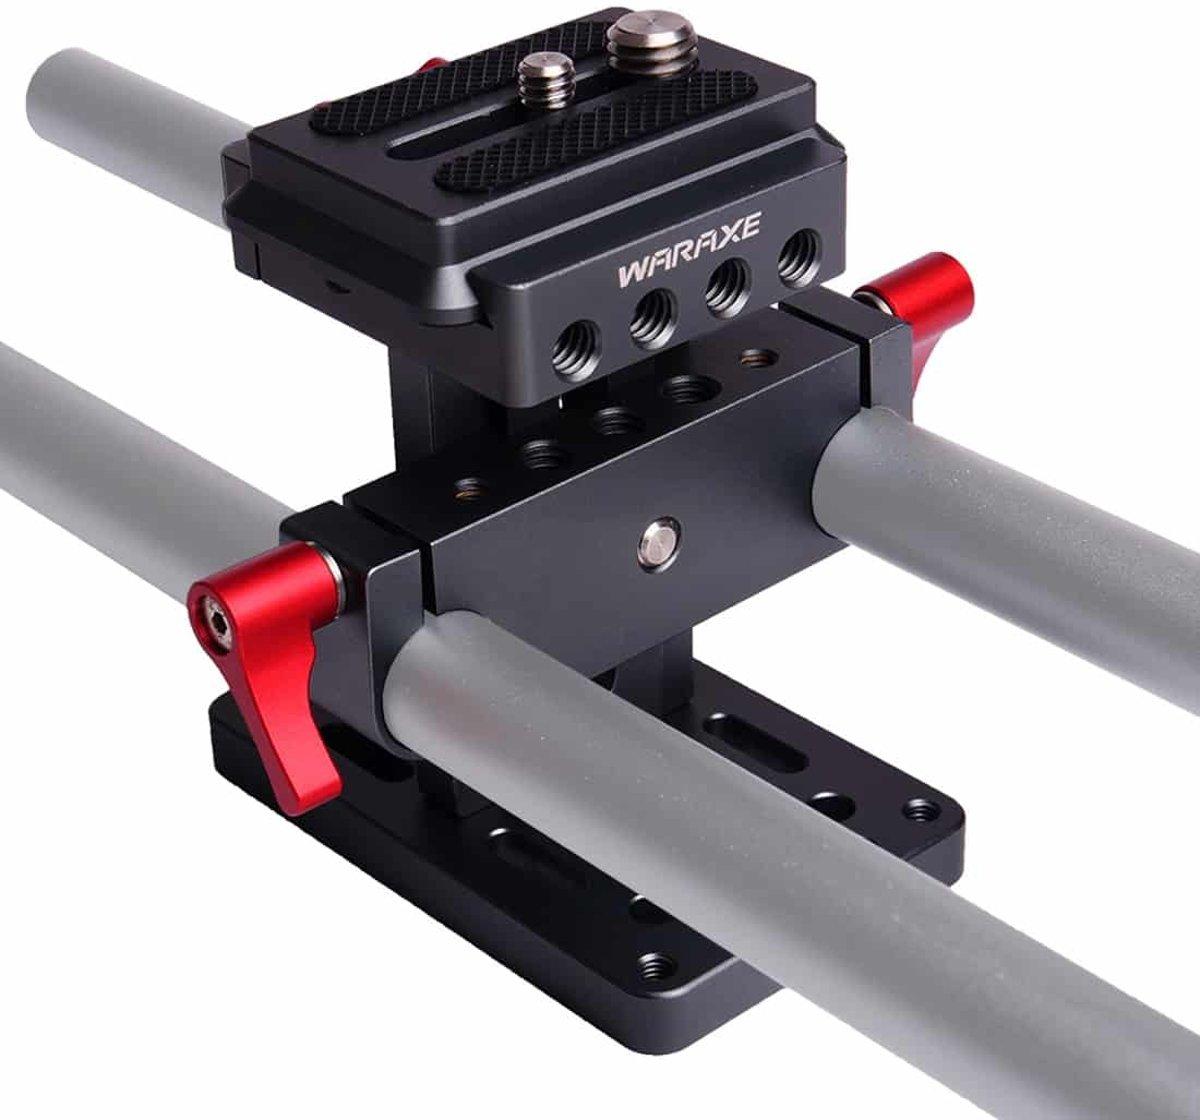 WARAXE 2630 Hefstijl Arca Swiss Clamp grondplaat, 15 mm Rodgat (zwart) kopen